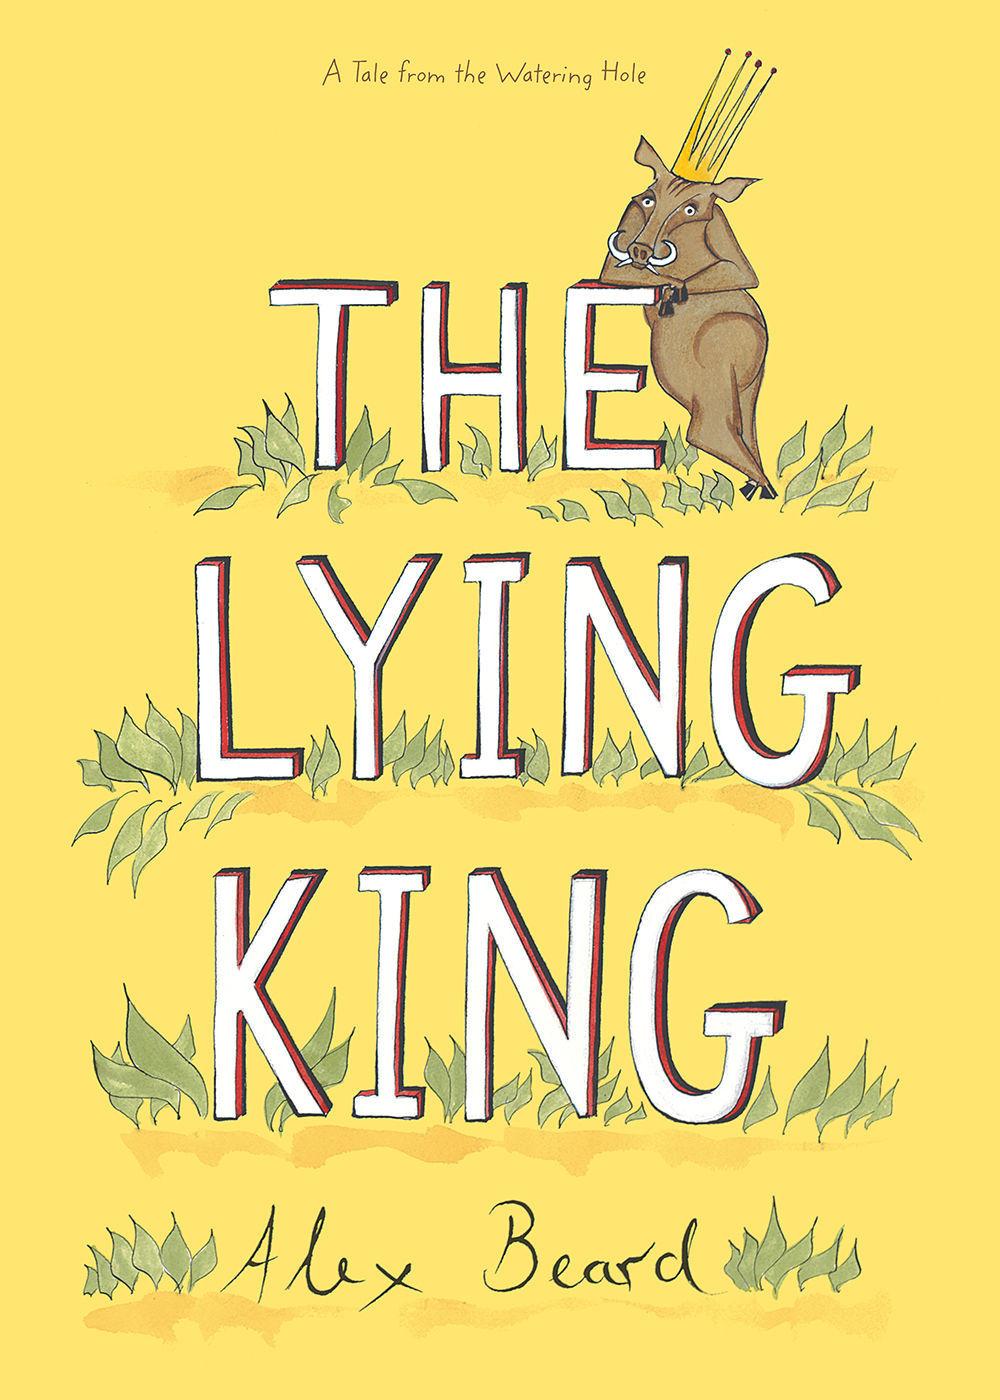 Beard_lyingKing_cover.jpg